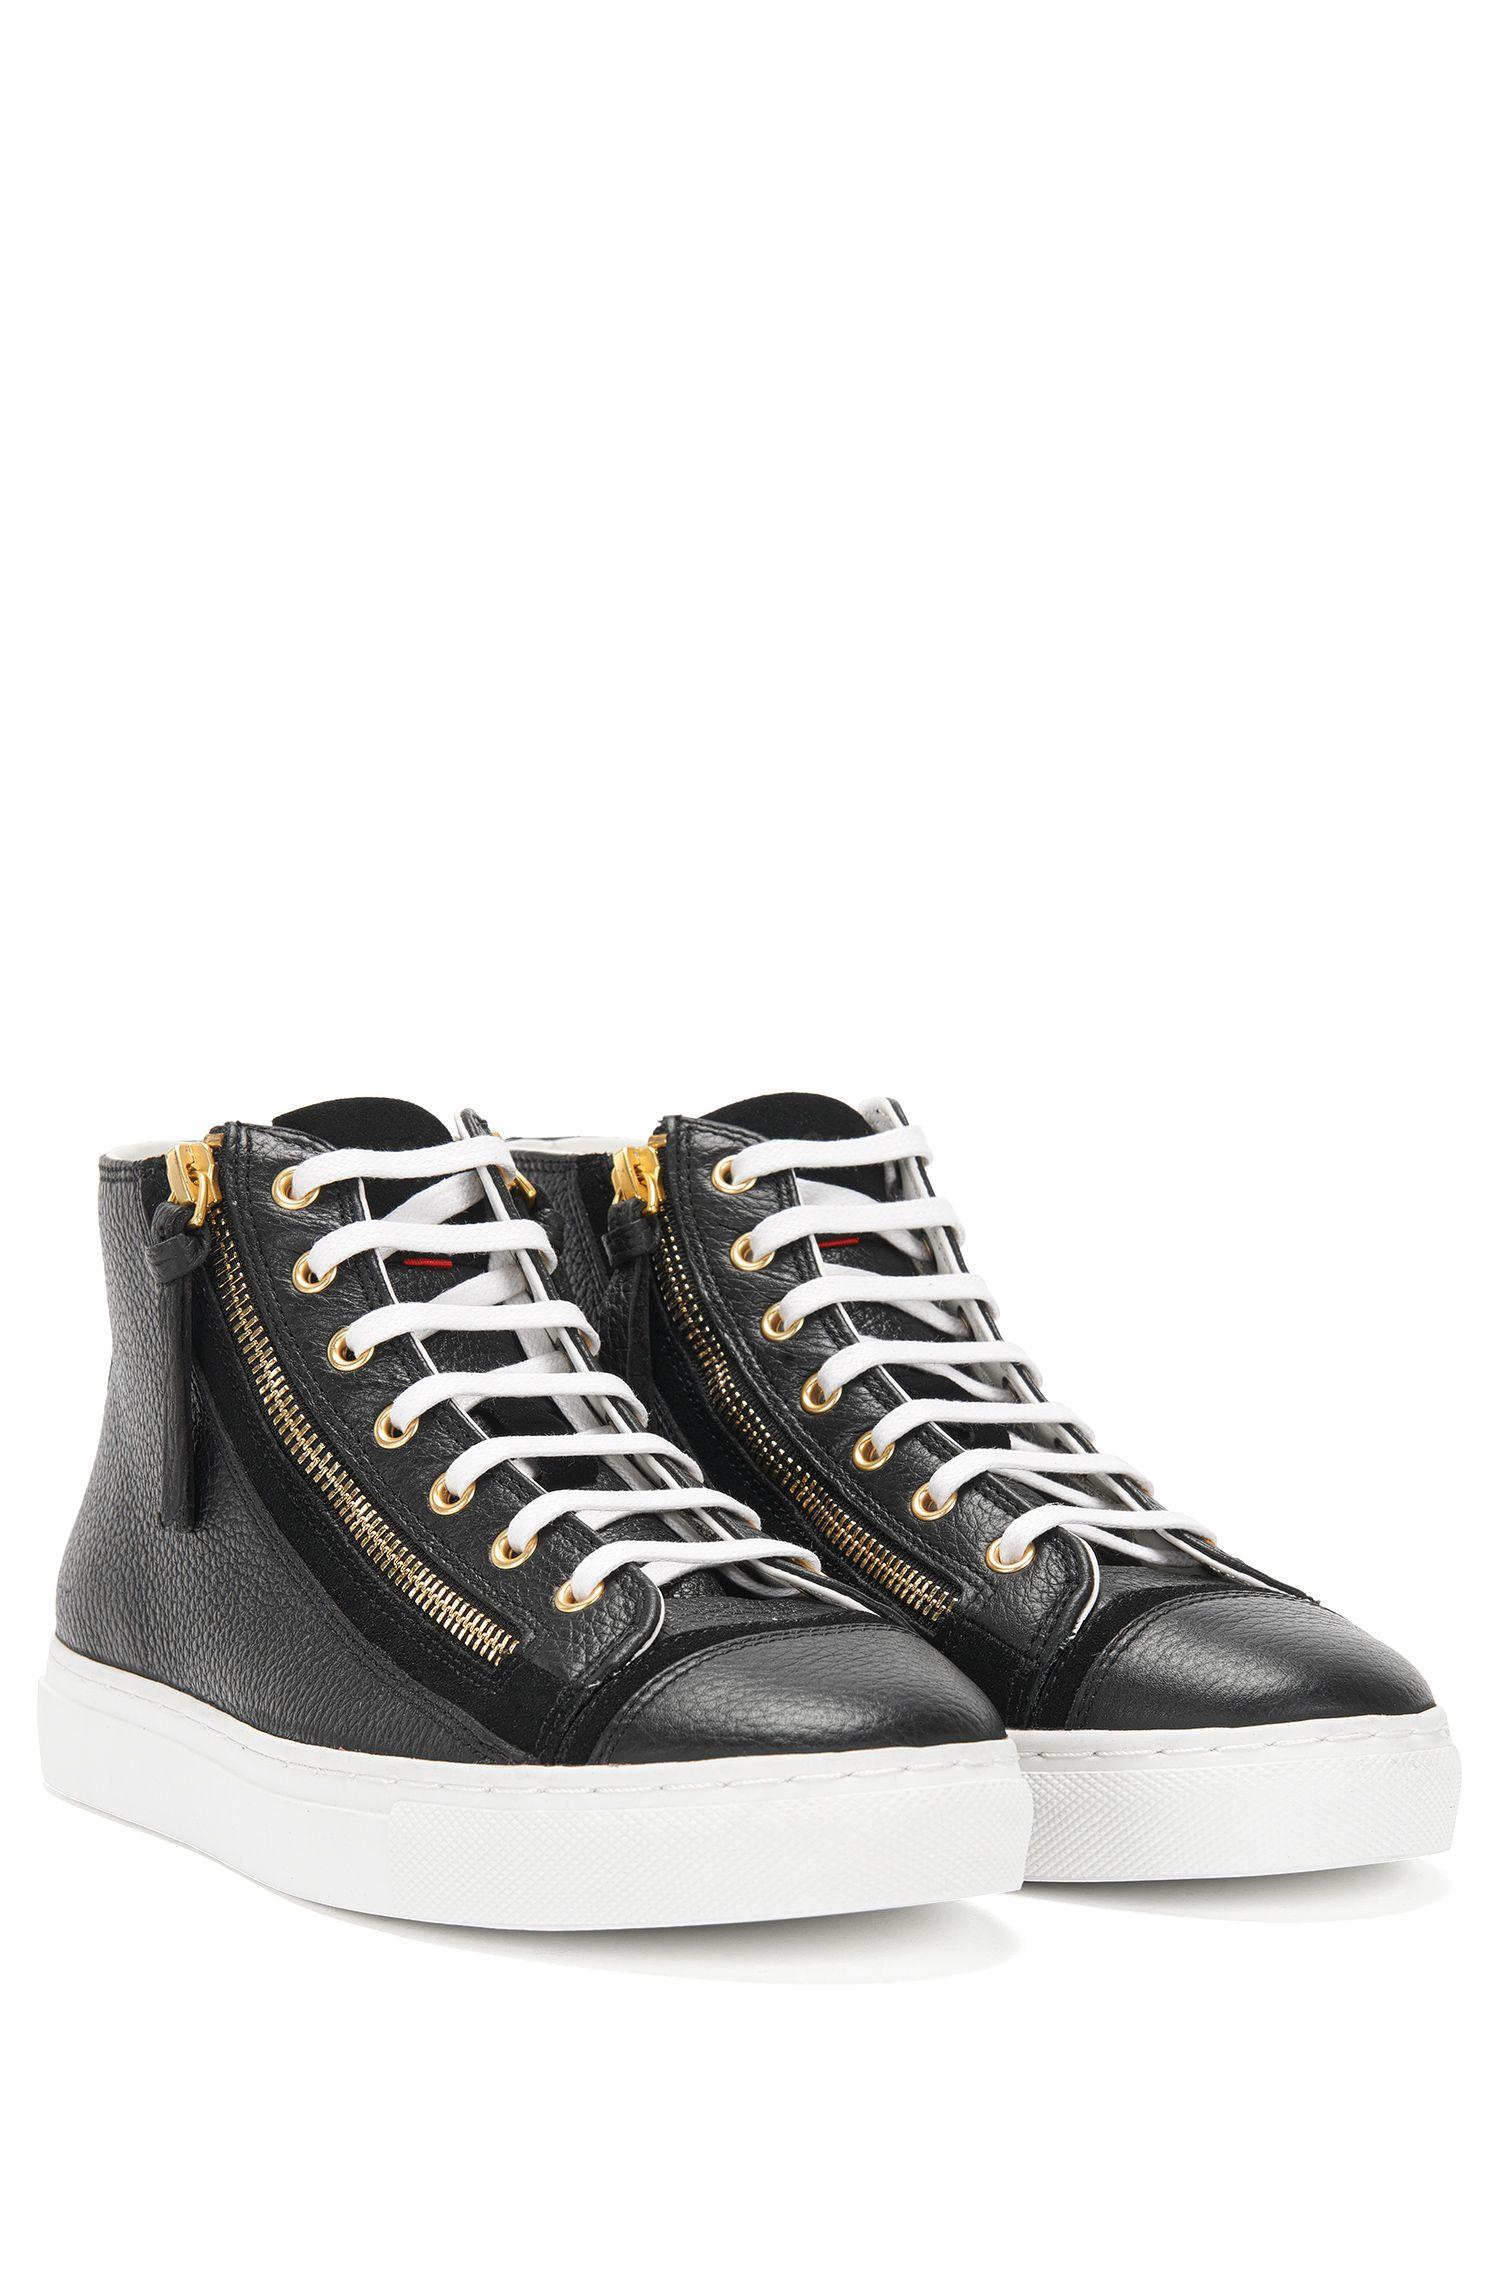 High Top Sneakers aus Leder mit Reißverschlüssen: 'Nycole-G'